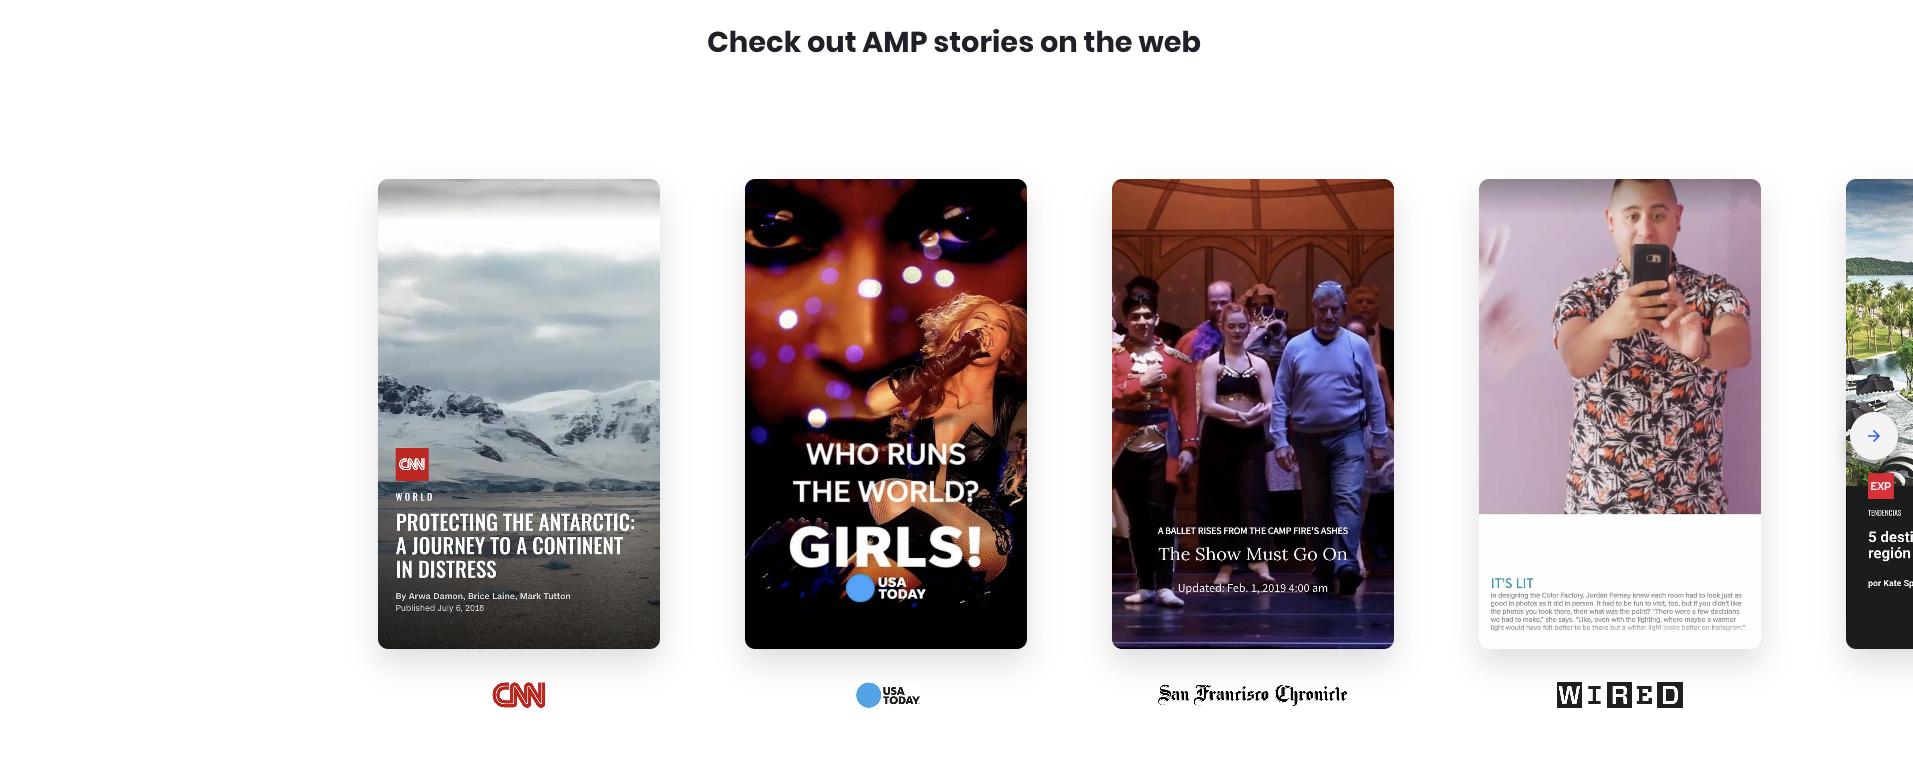 AMP Storiesのshowcase